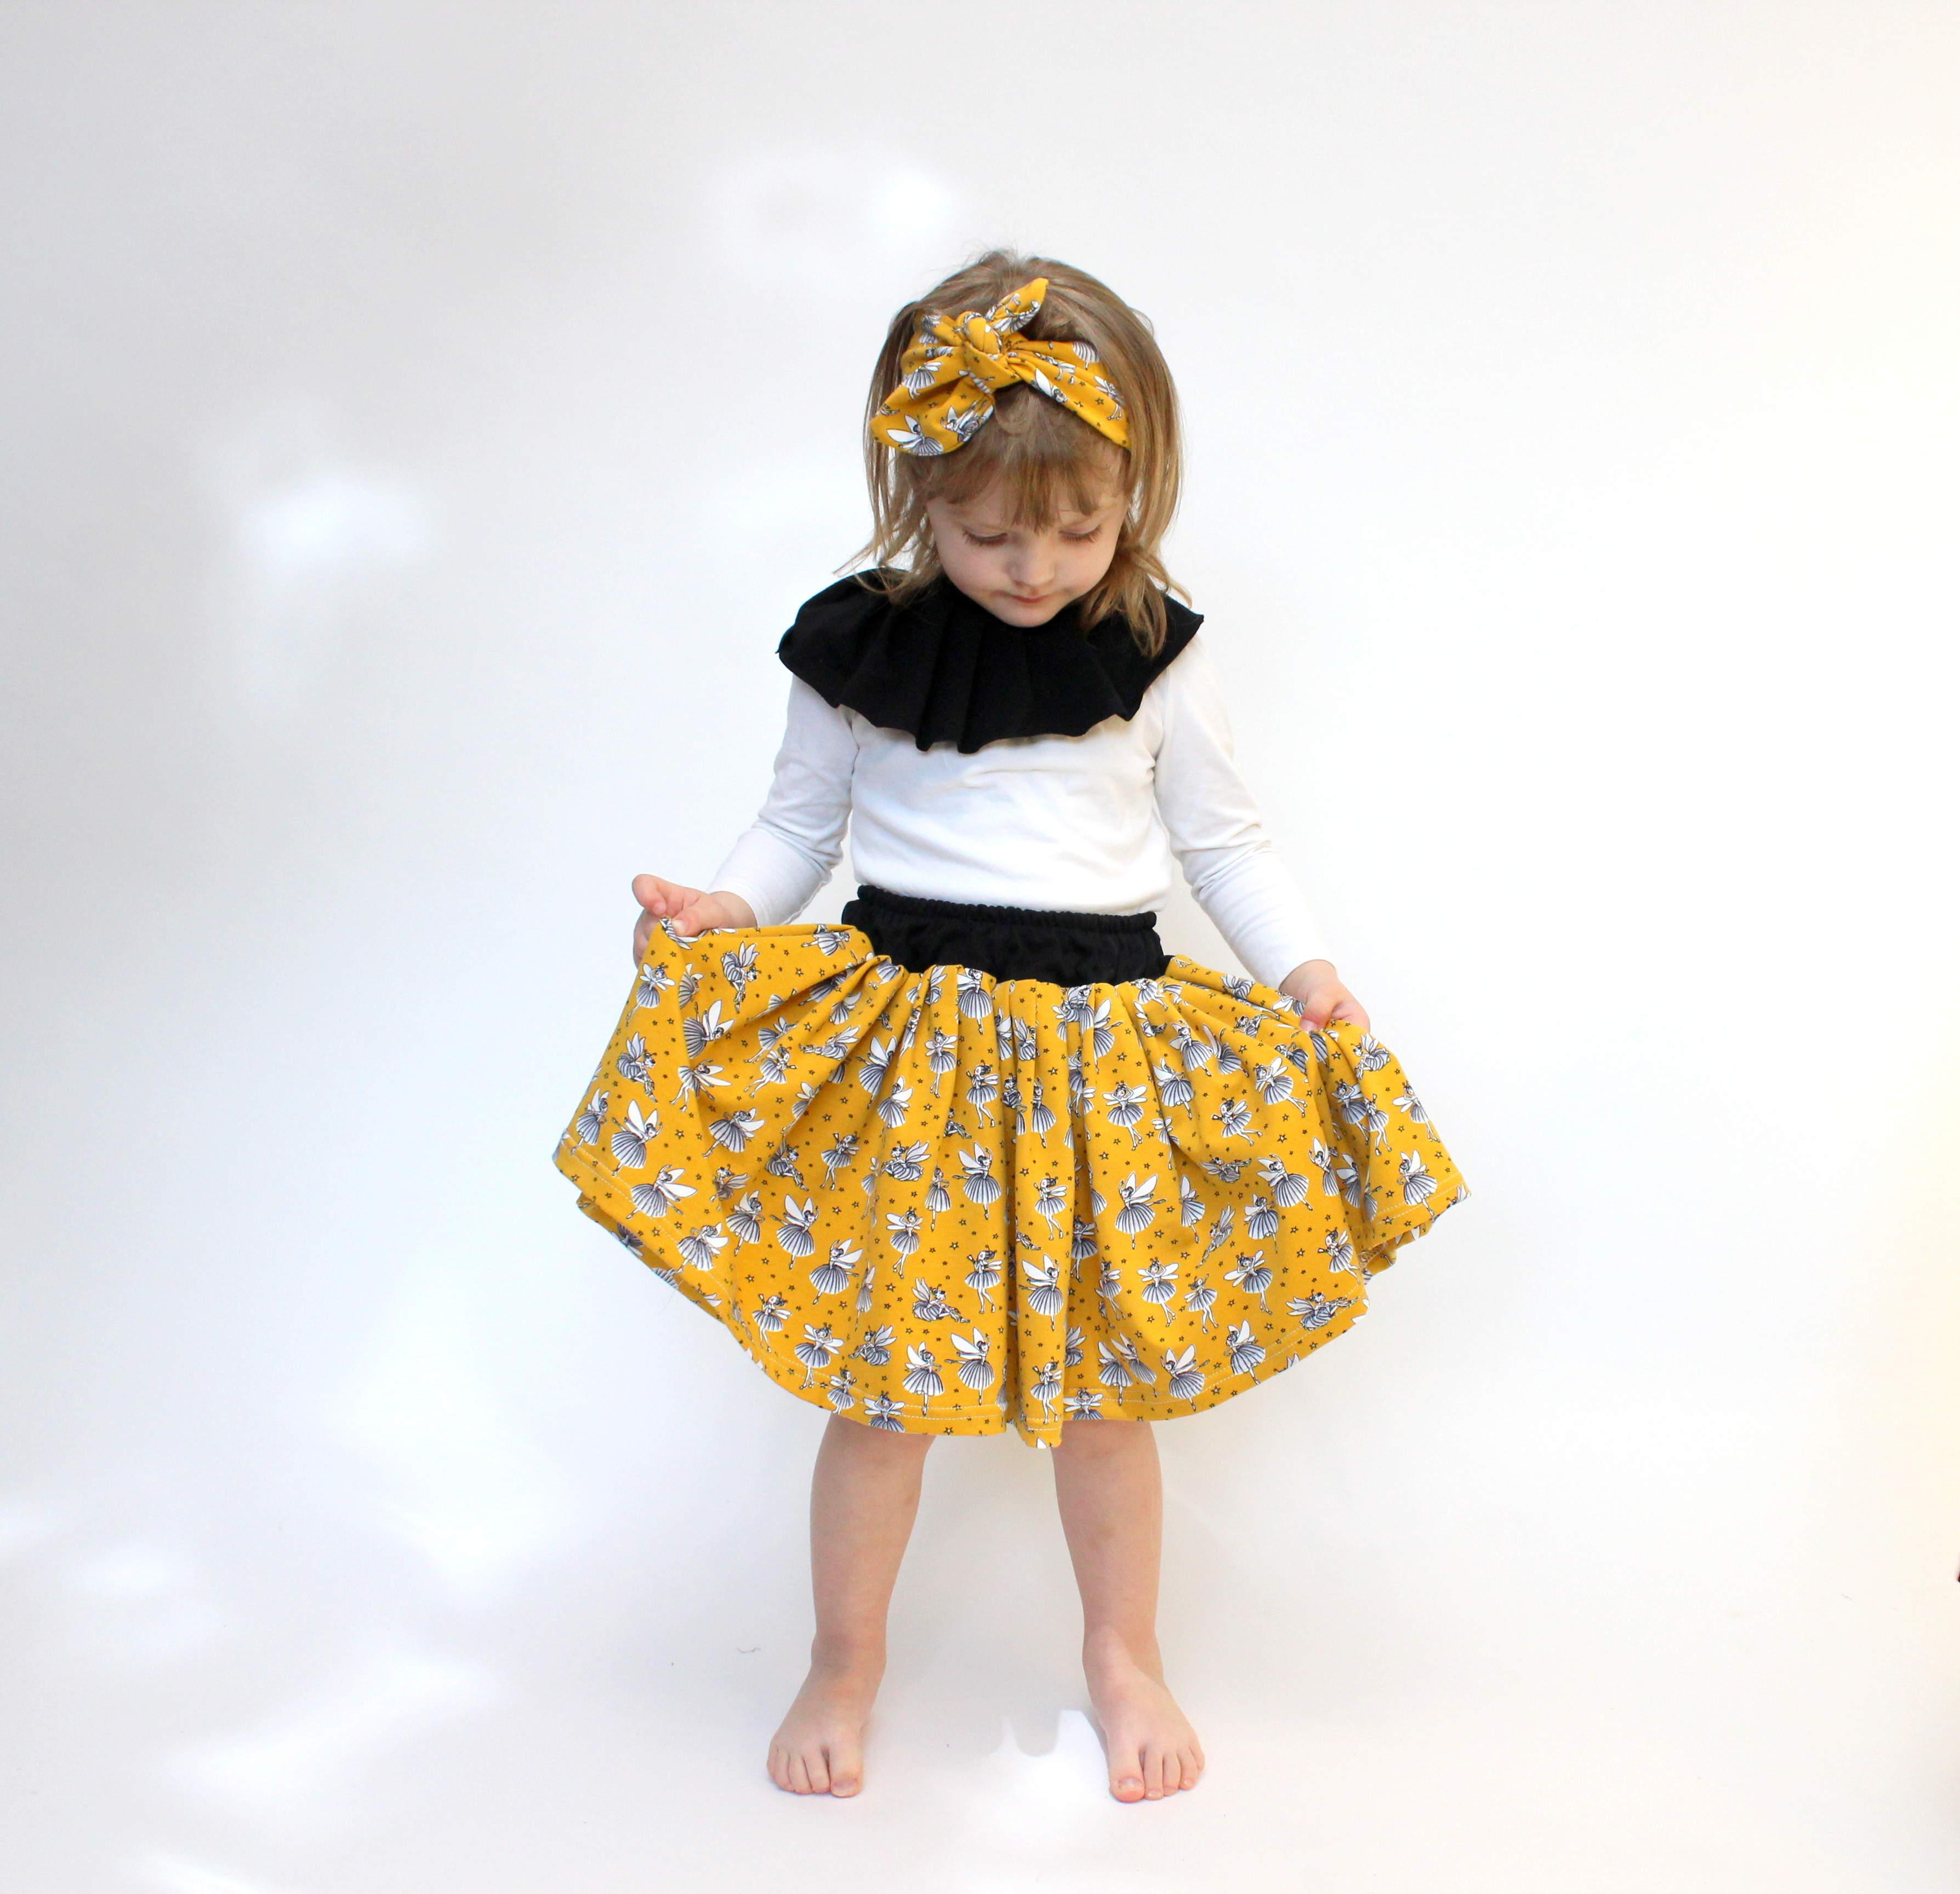 304f27bfee49 Detská móda dievčatá